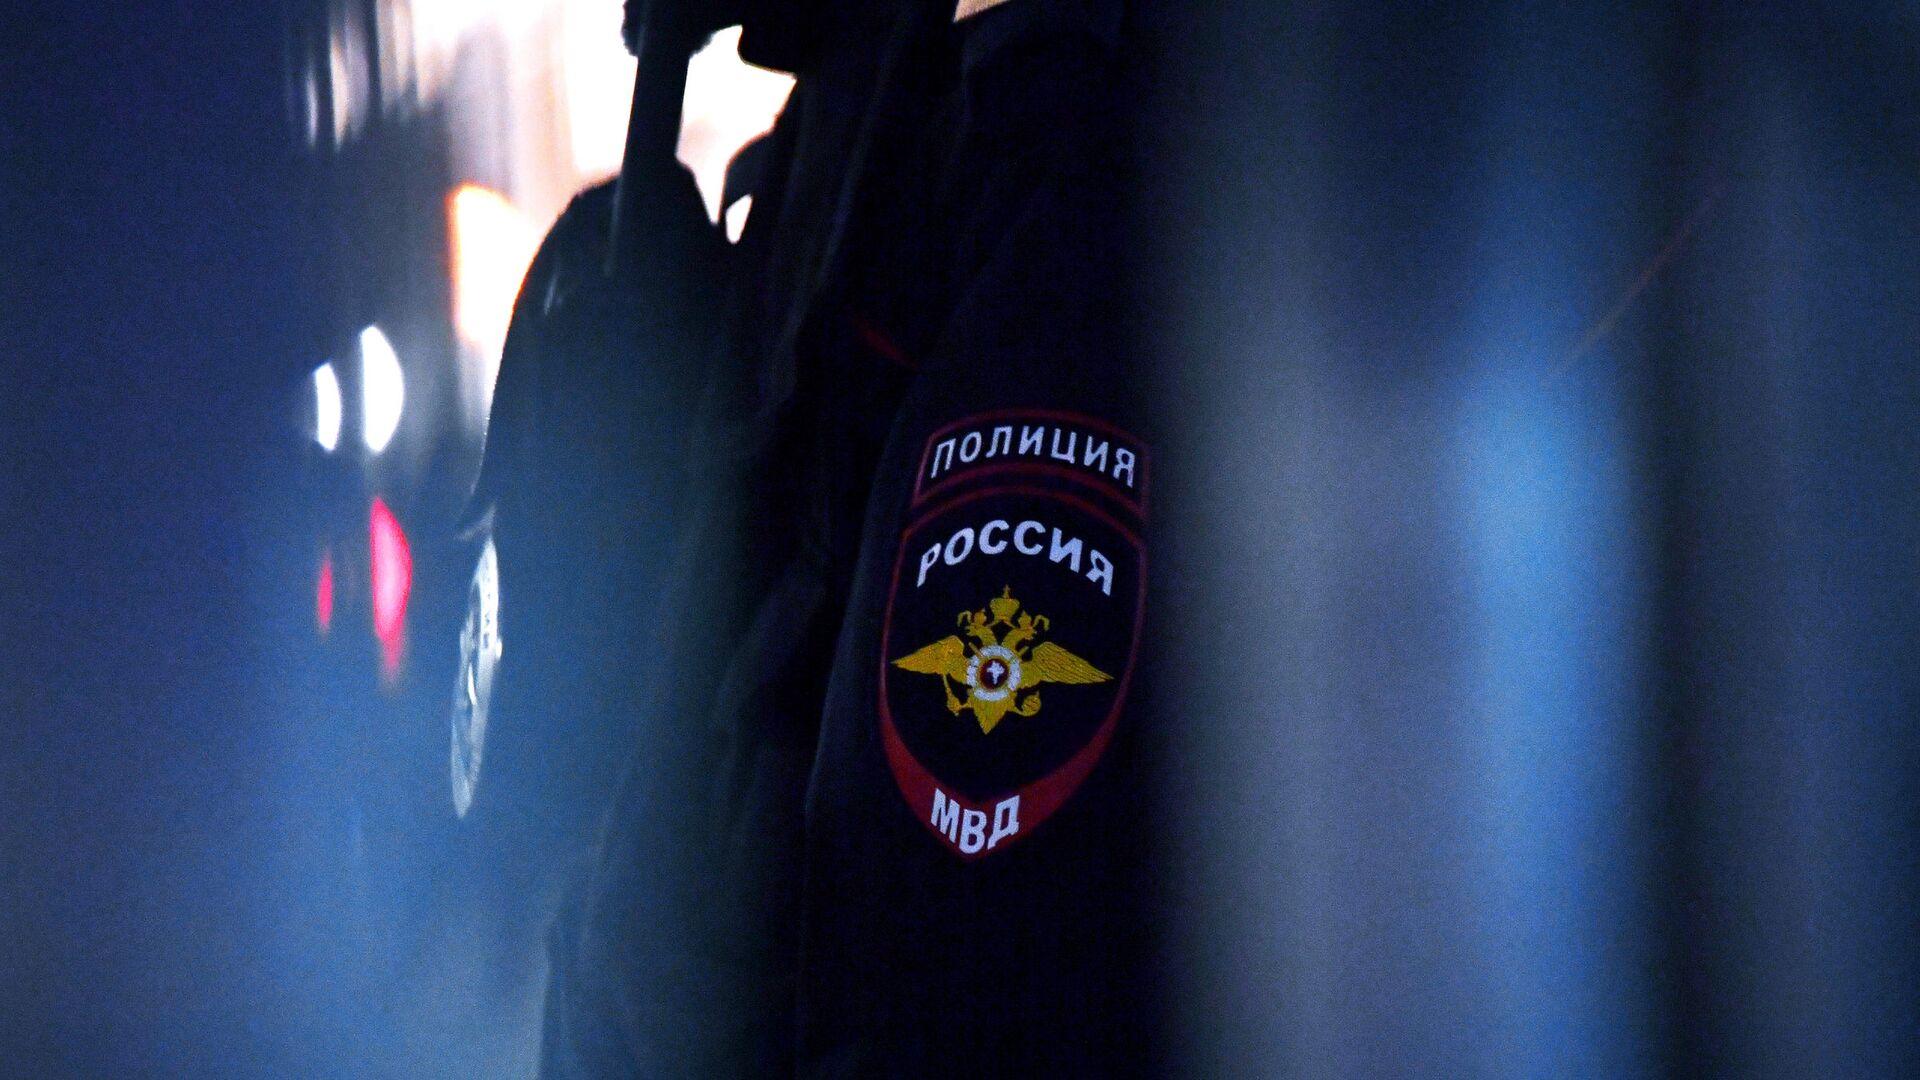 В центре Москвы задержали угрожавшего прохожим мужчину